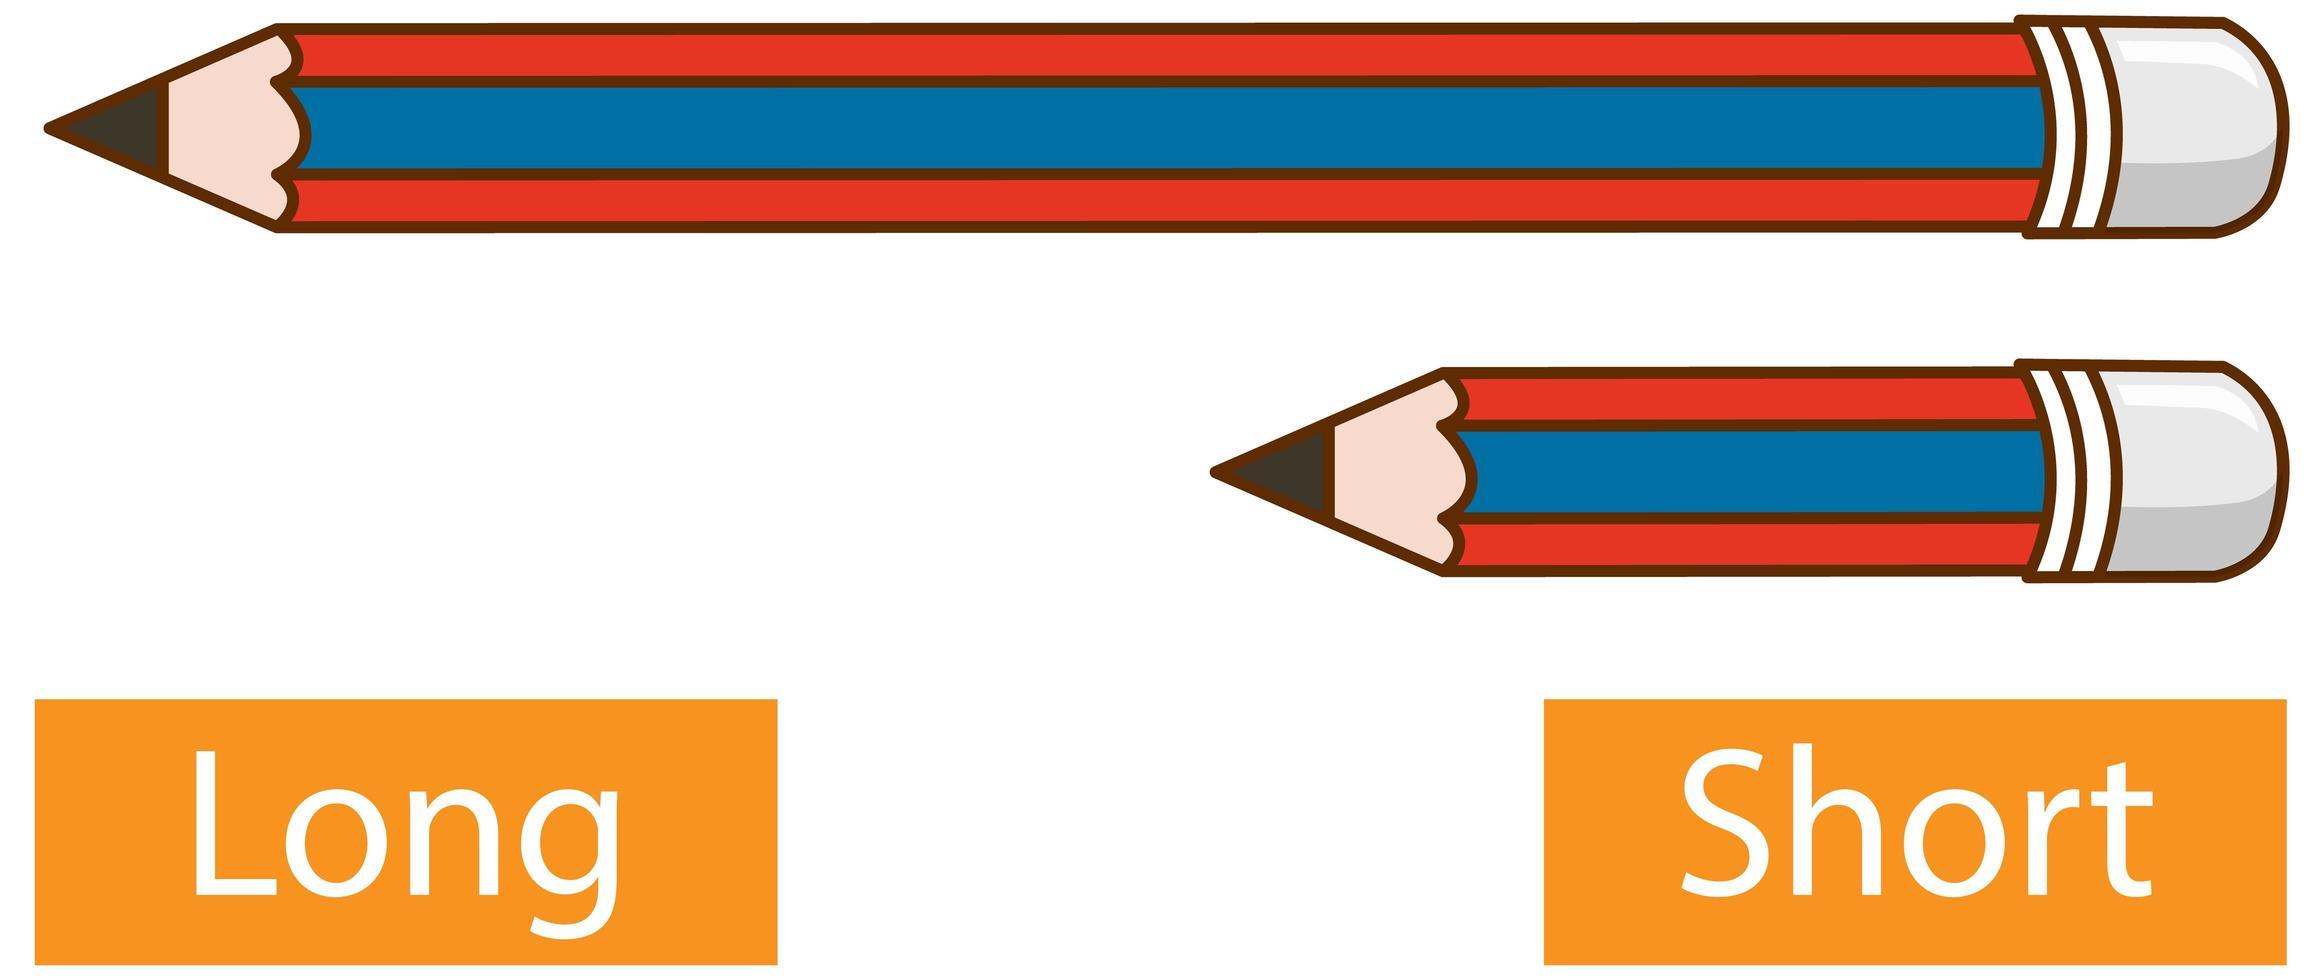 parole di aggettivo opposto con matita lunga e matita corta su sfondo bianco vettore